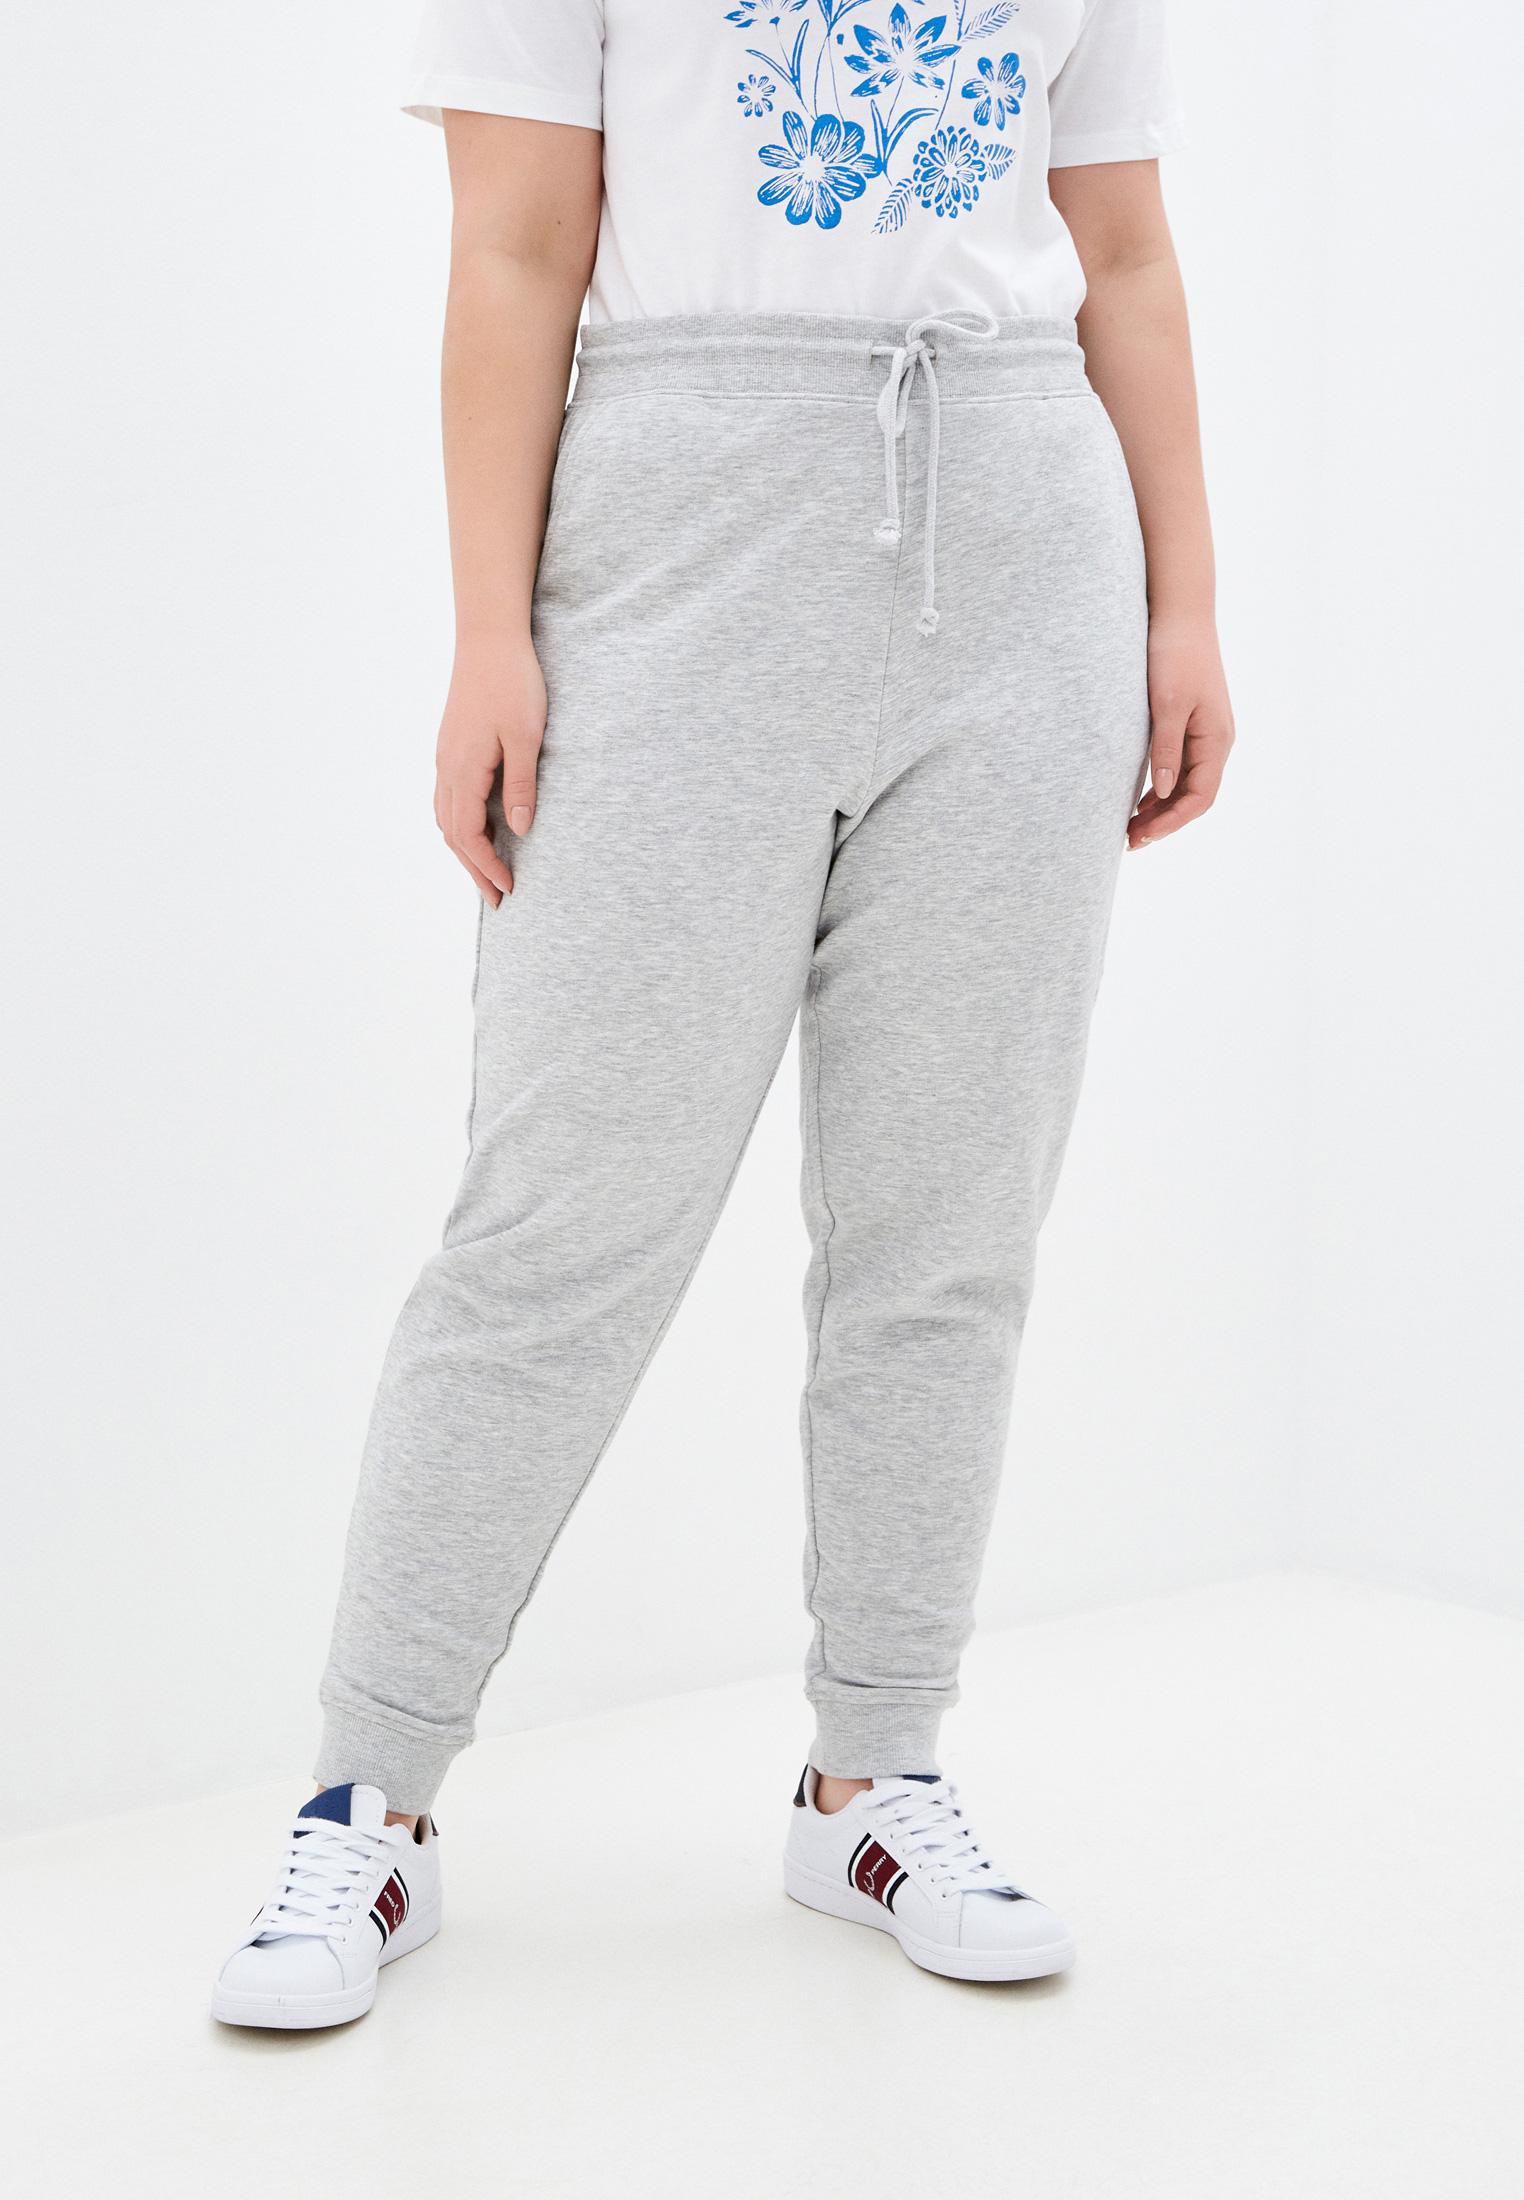 Женские спортивные брюки Marks & Spencer Брюки спортивные Marks & Spencer